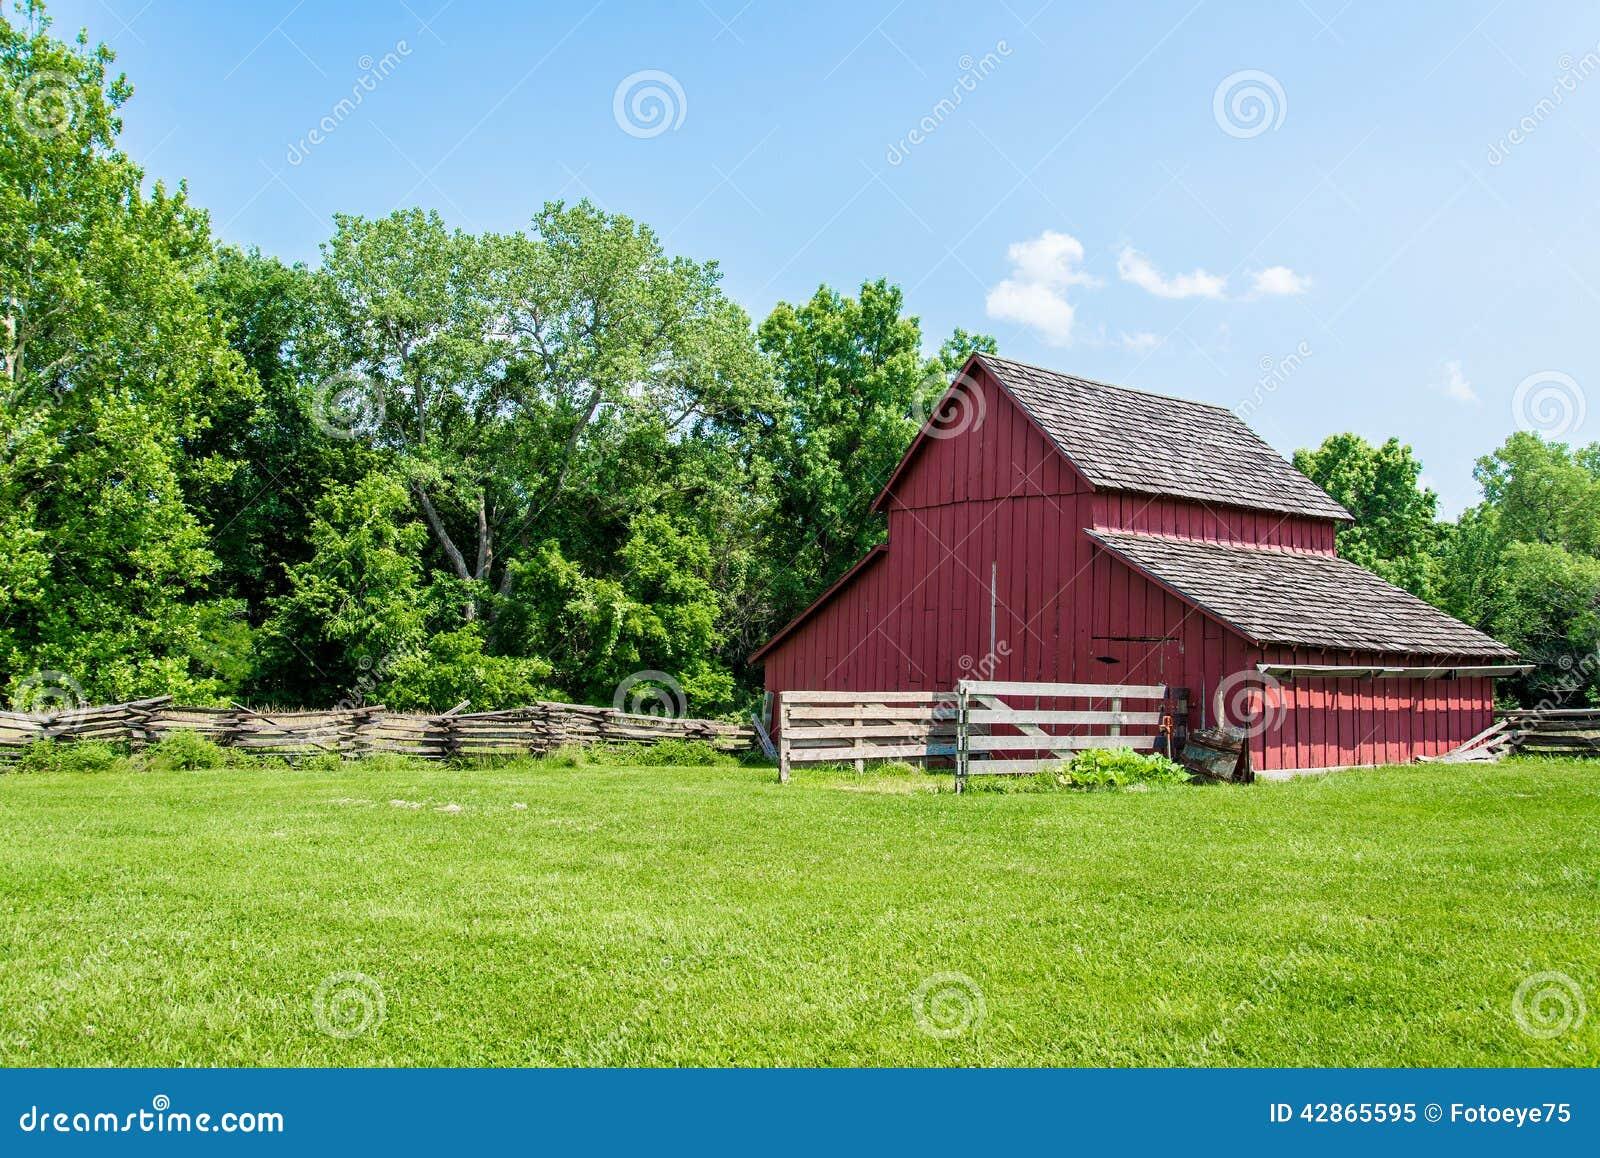 Oude rode schuur op een landbouwbedrijf